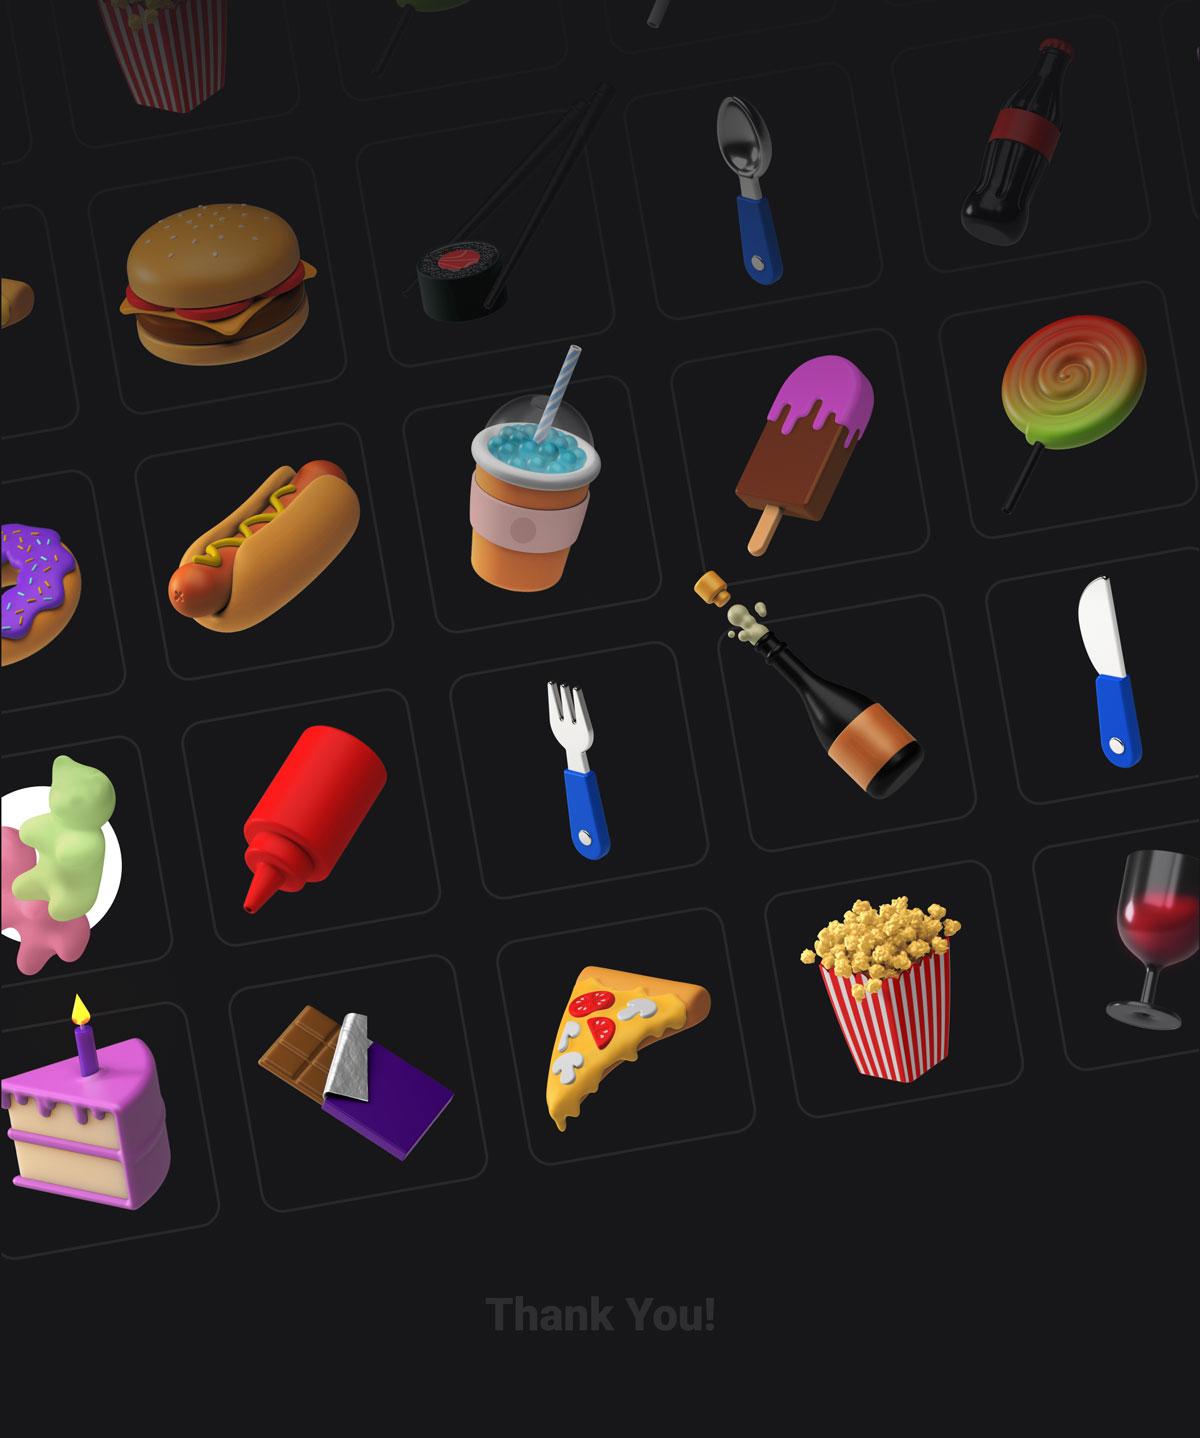 简约西餐快餐食物主题3D图标设计素材套装 3D Icons Pack – Food插图2